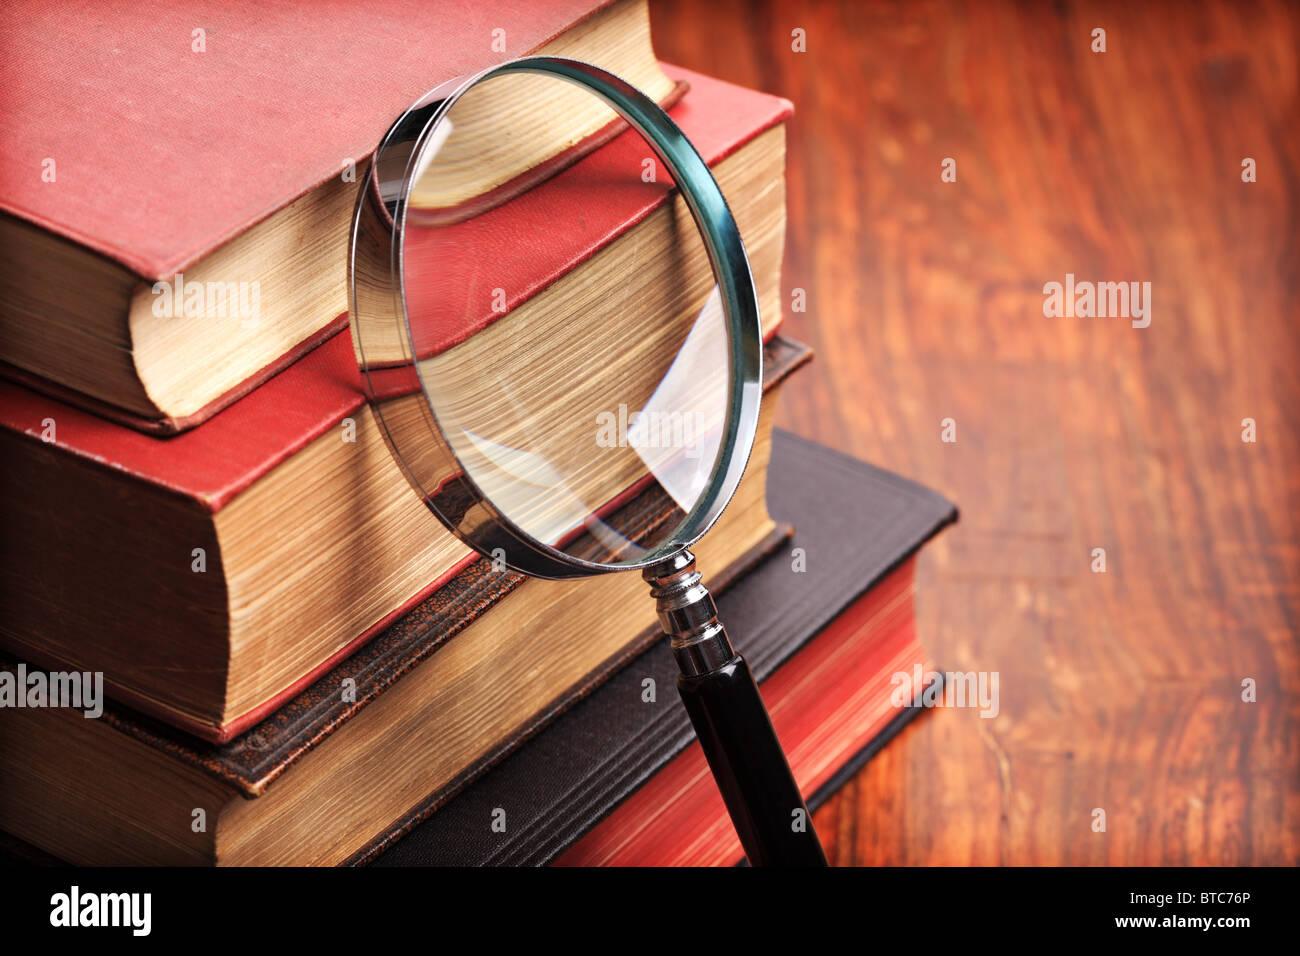 Lupa con libros antiguos Imagen De Stock